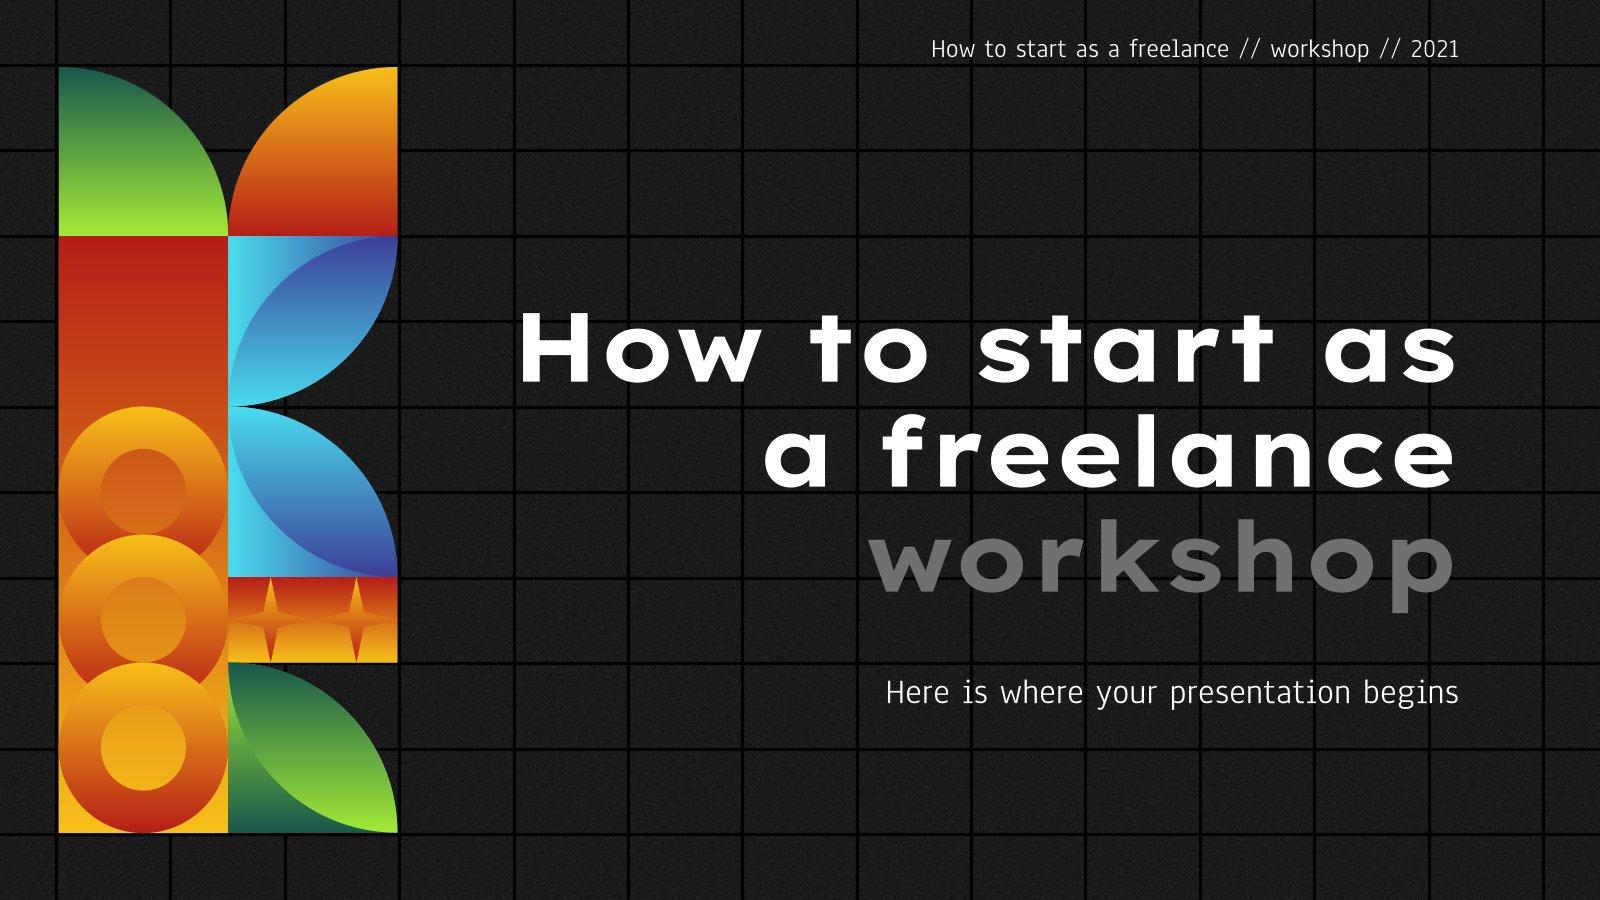 Atelier sur comment commencer en tant que freelance : Modèles de présentation